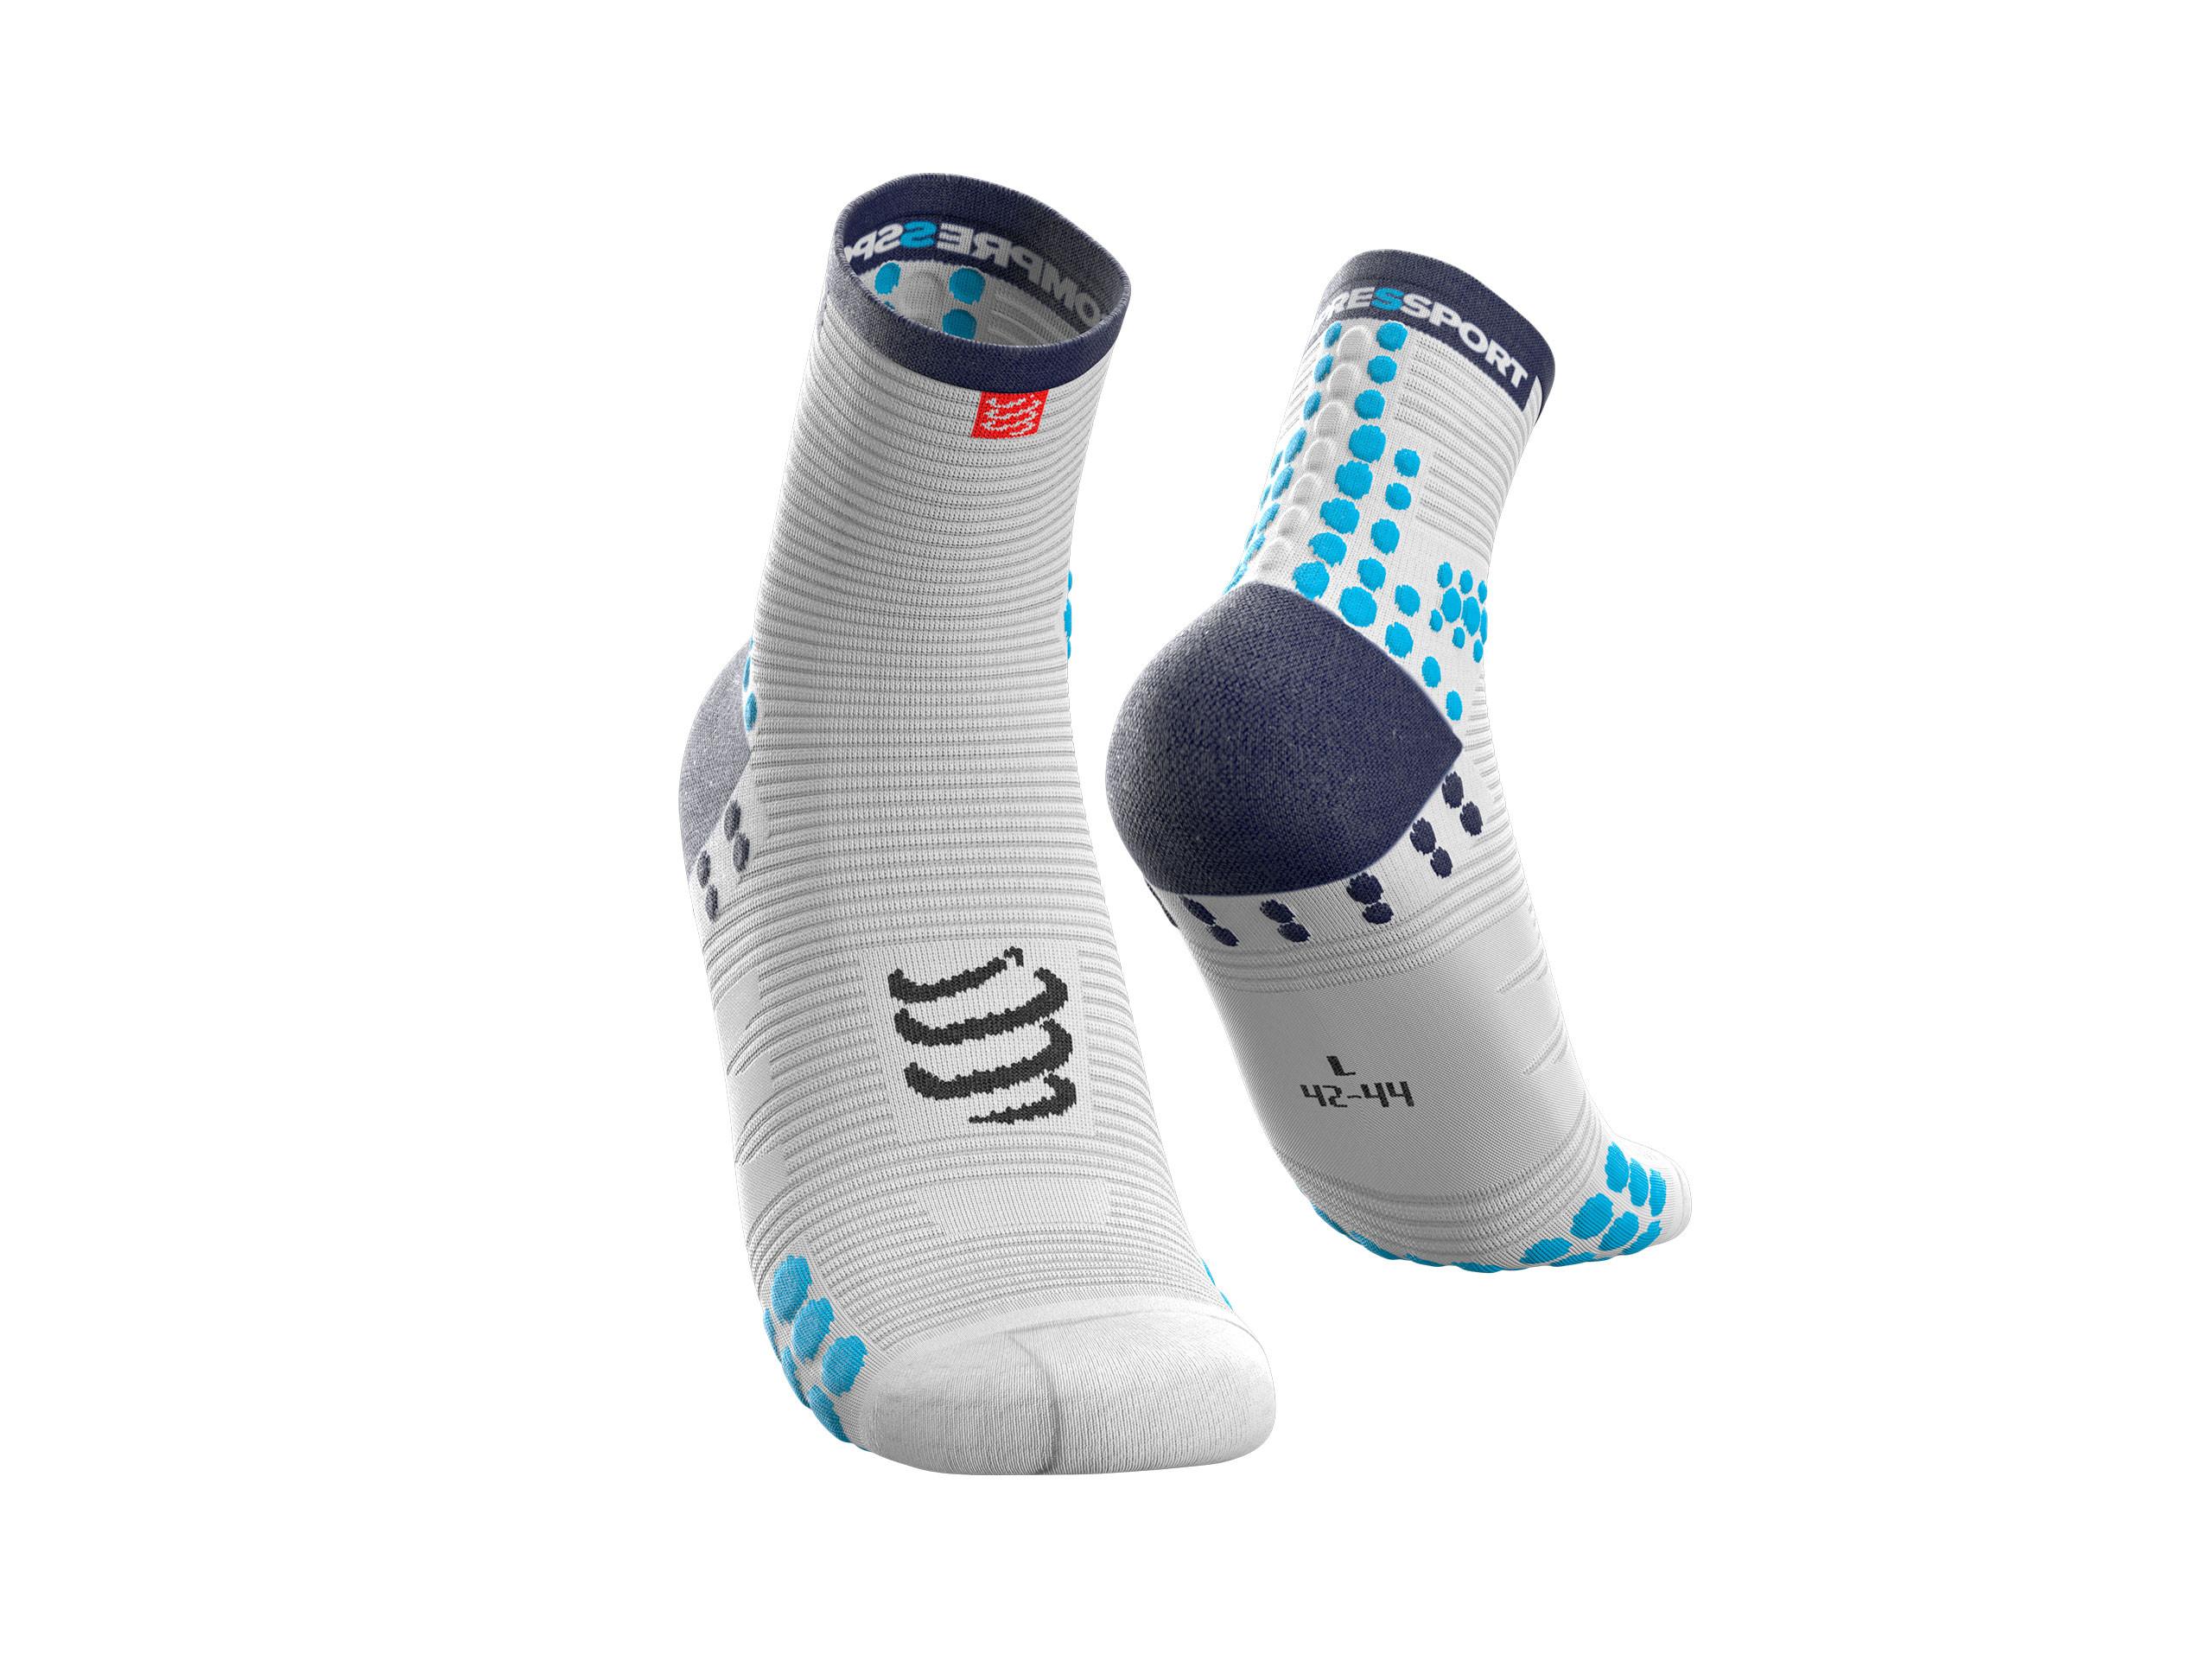 Calzini da gara professionali v3.0 Run High bianchi/blu